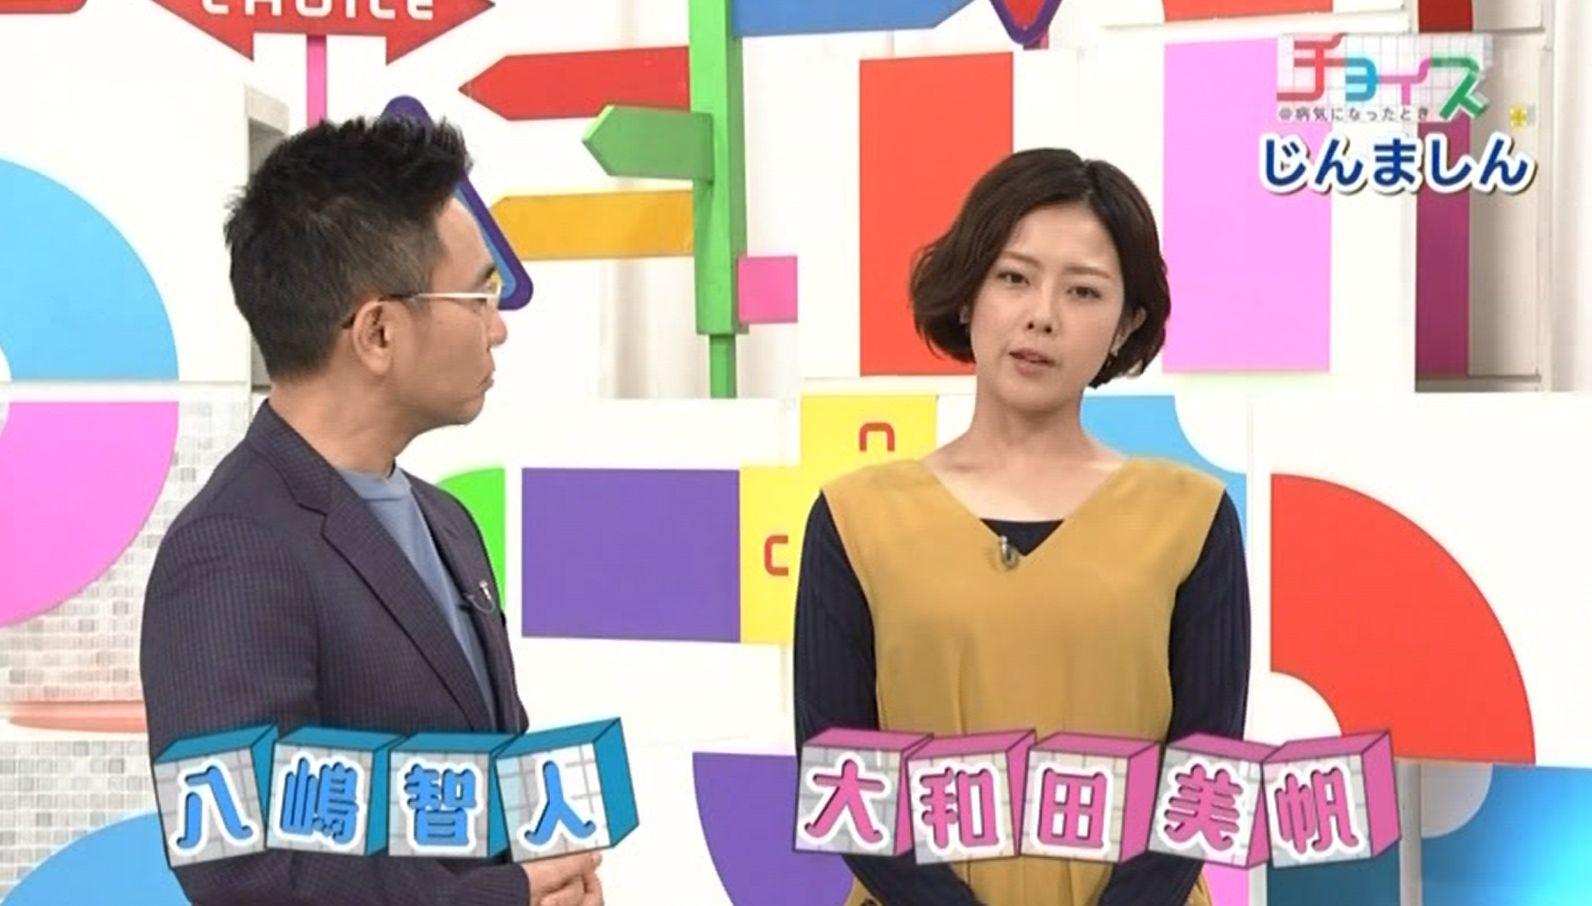 小気味良いテンポで番組を進行する司会の八嶋智人さん、大和田美帆さん